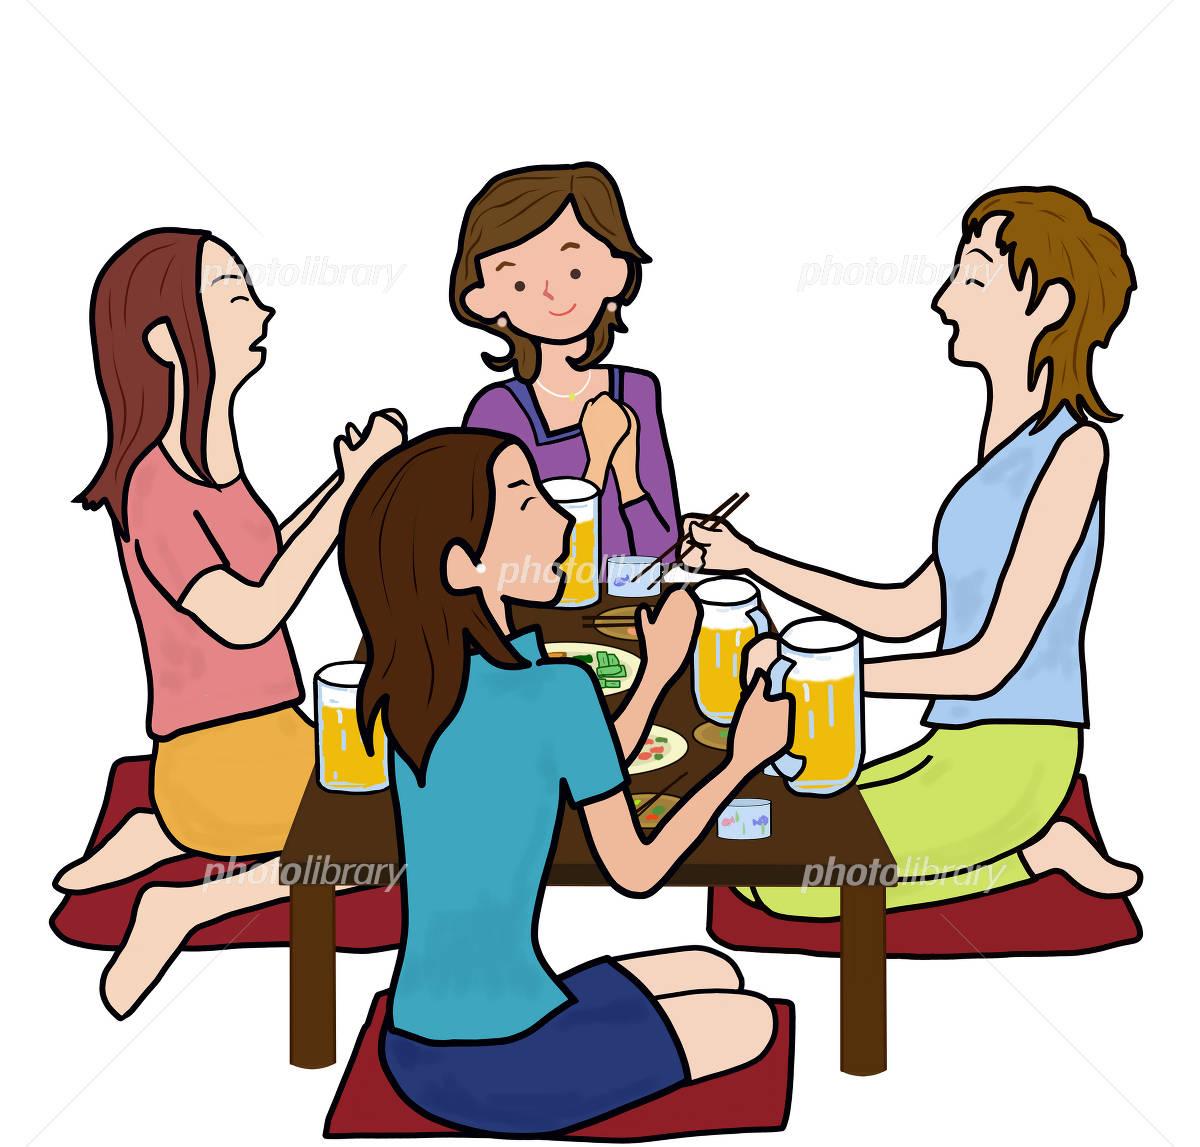 四人組の女子会のイラスト